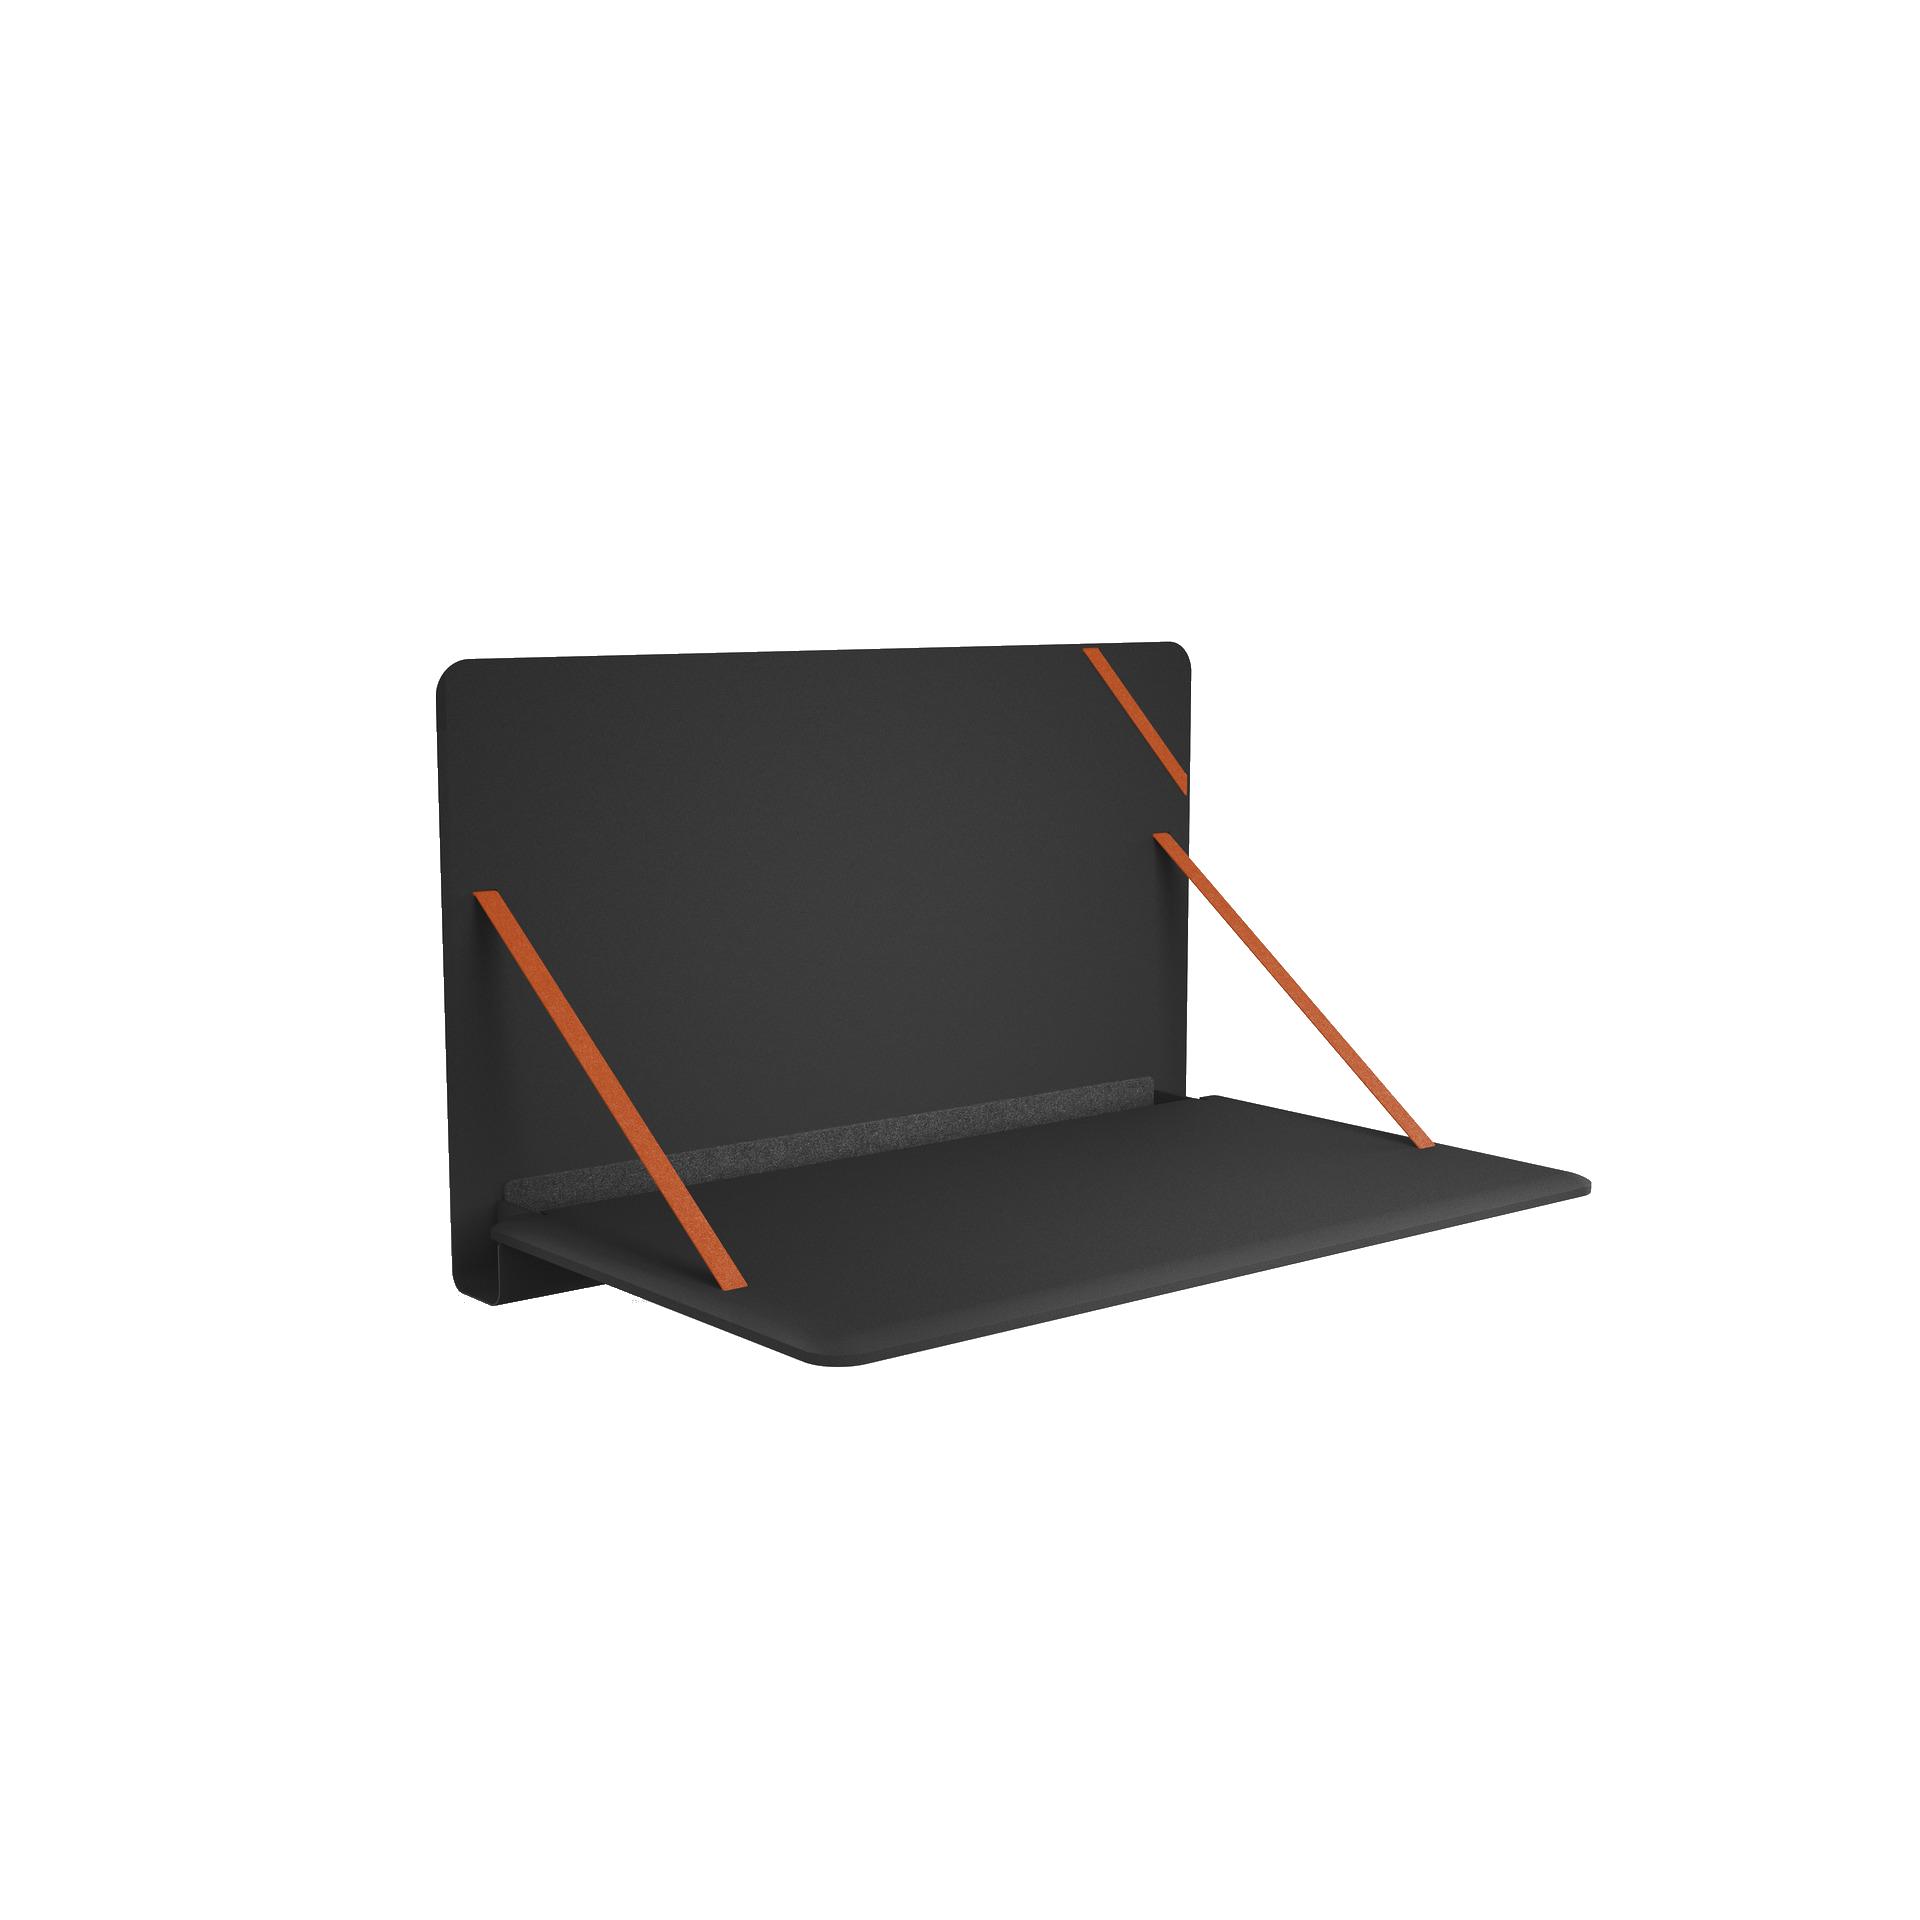 Brunner_notebook_9032_offen_schwarz_orange_mit_schatten_auf_weiß